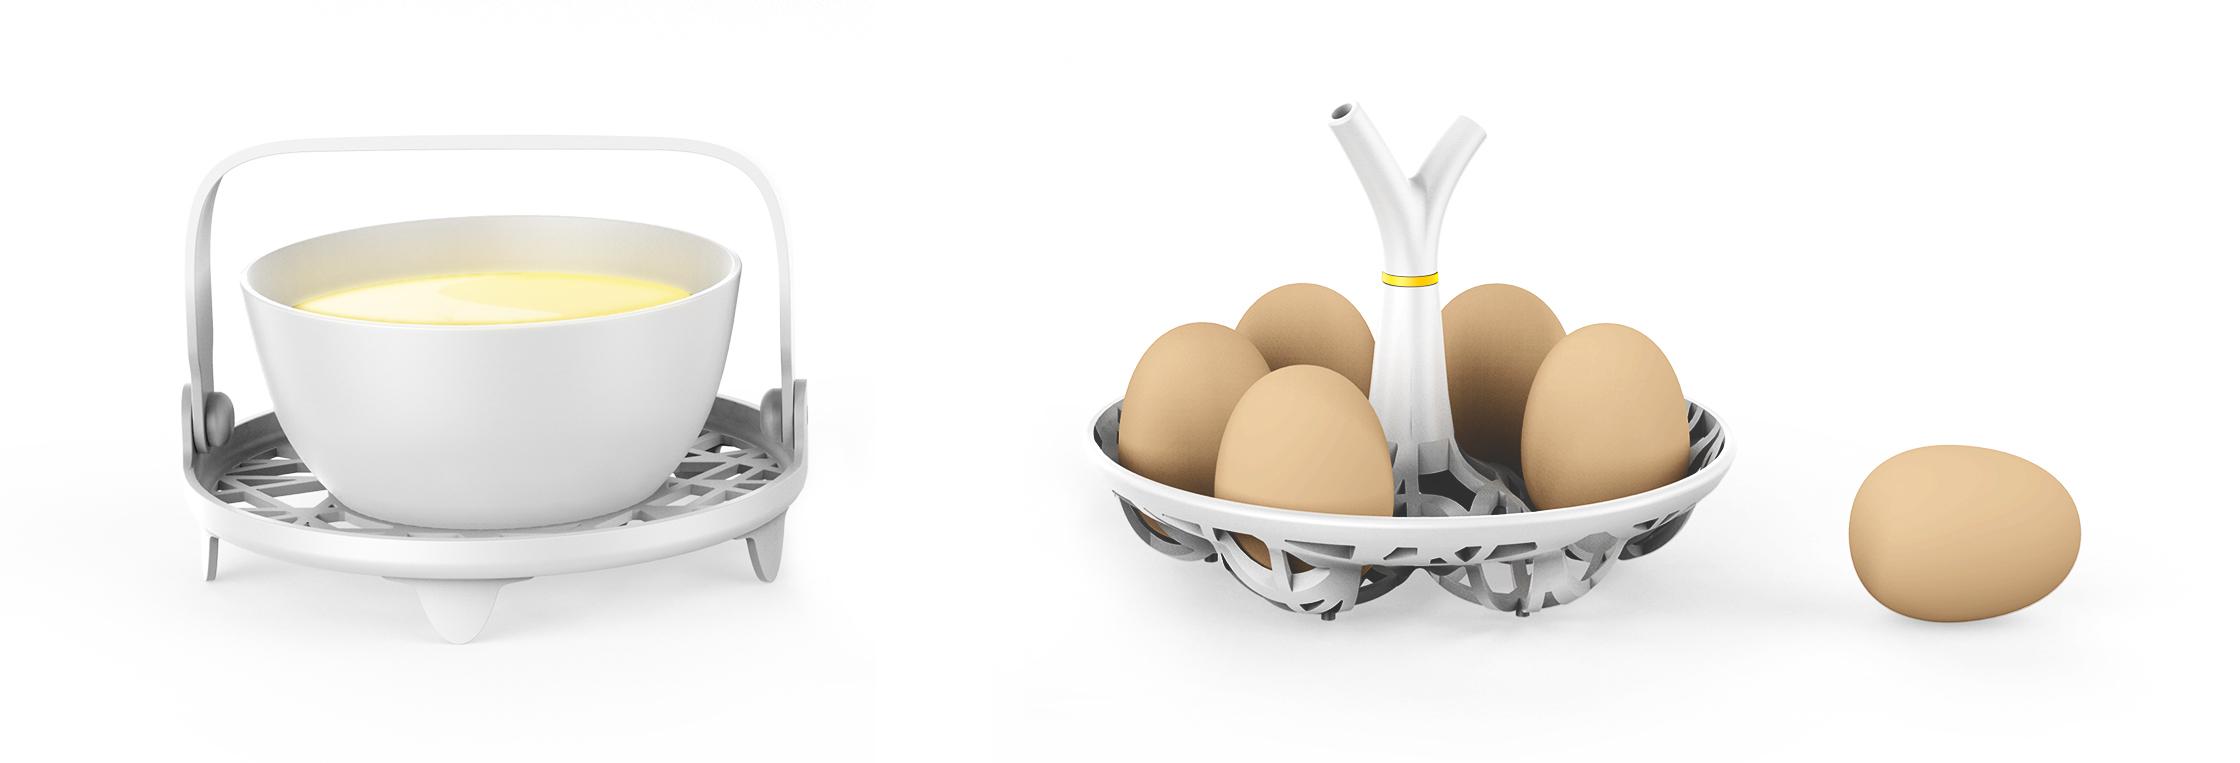 67°C煮蛋器设计